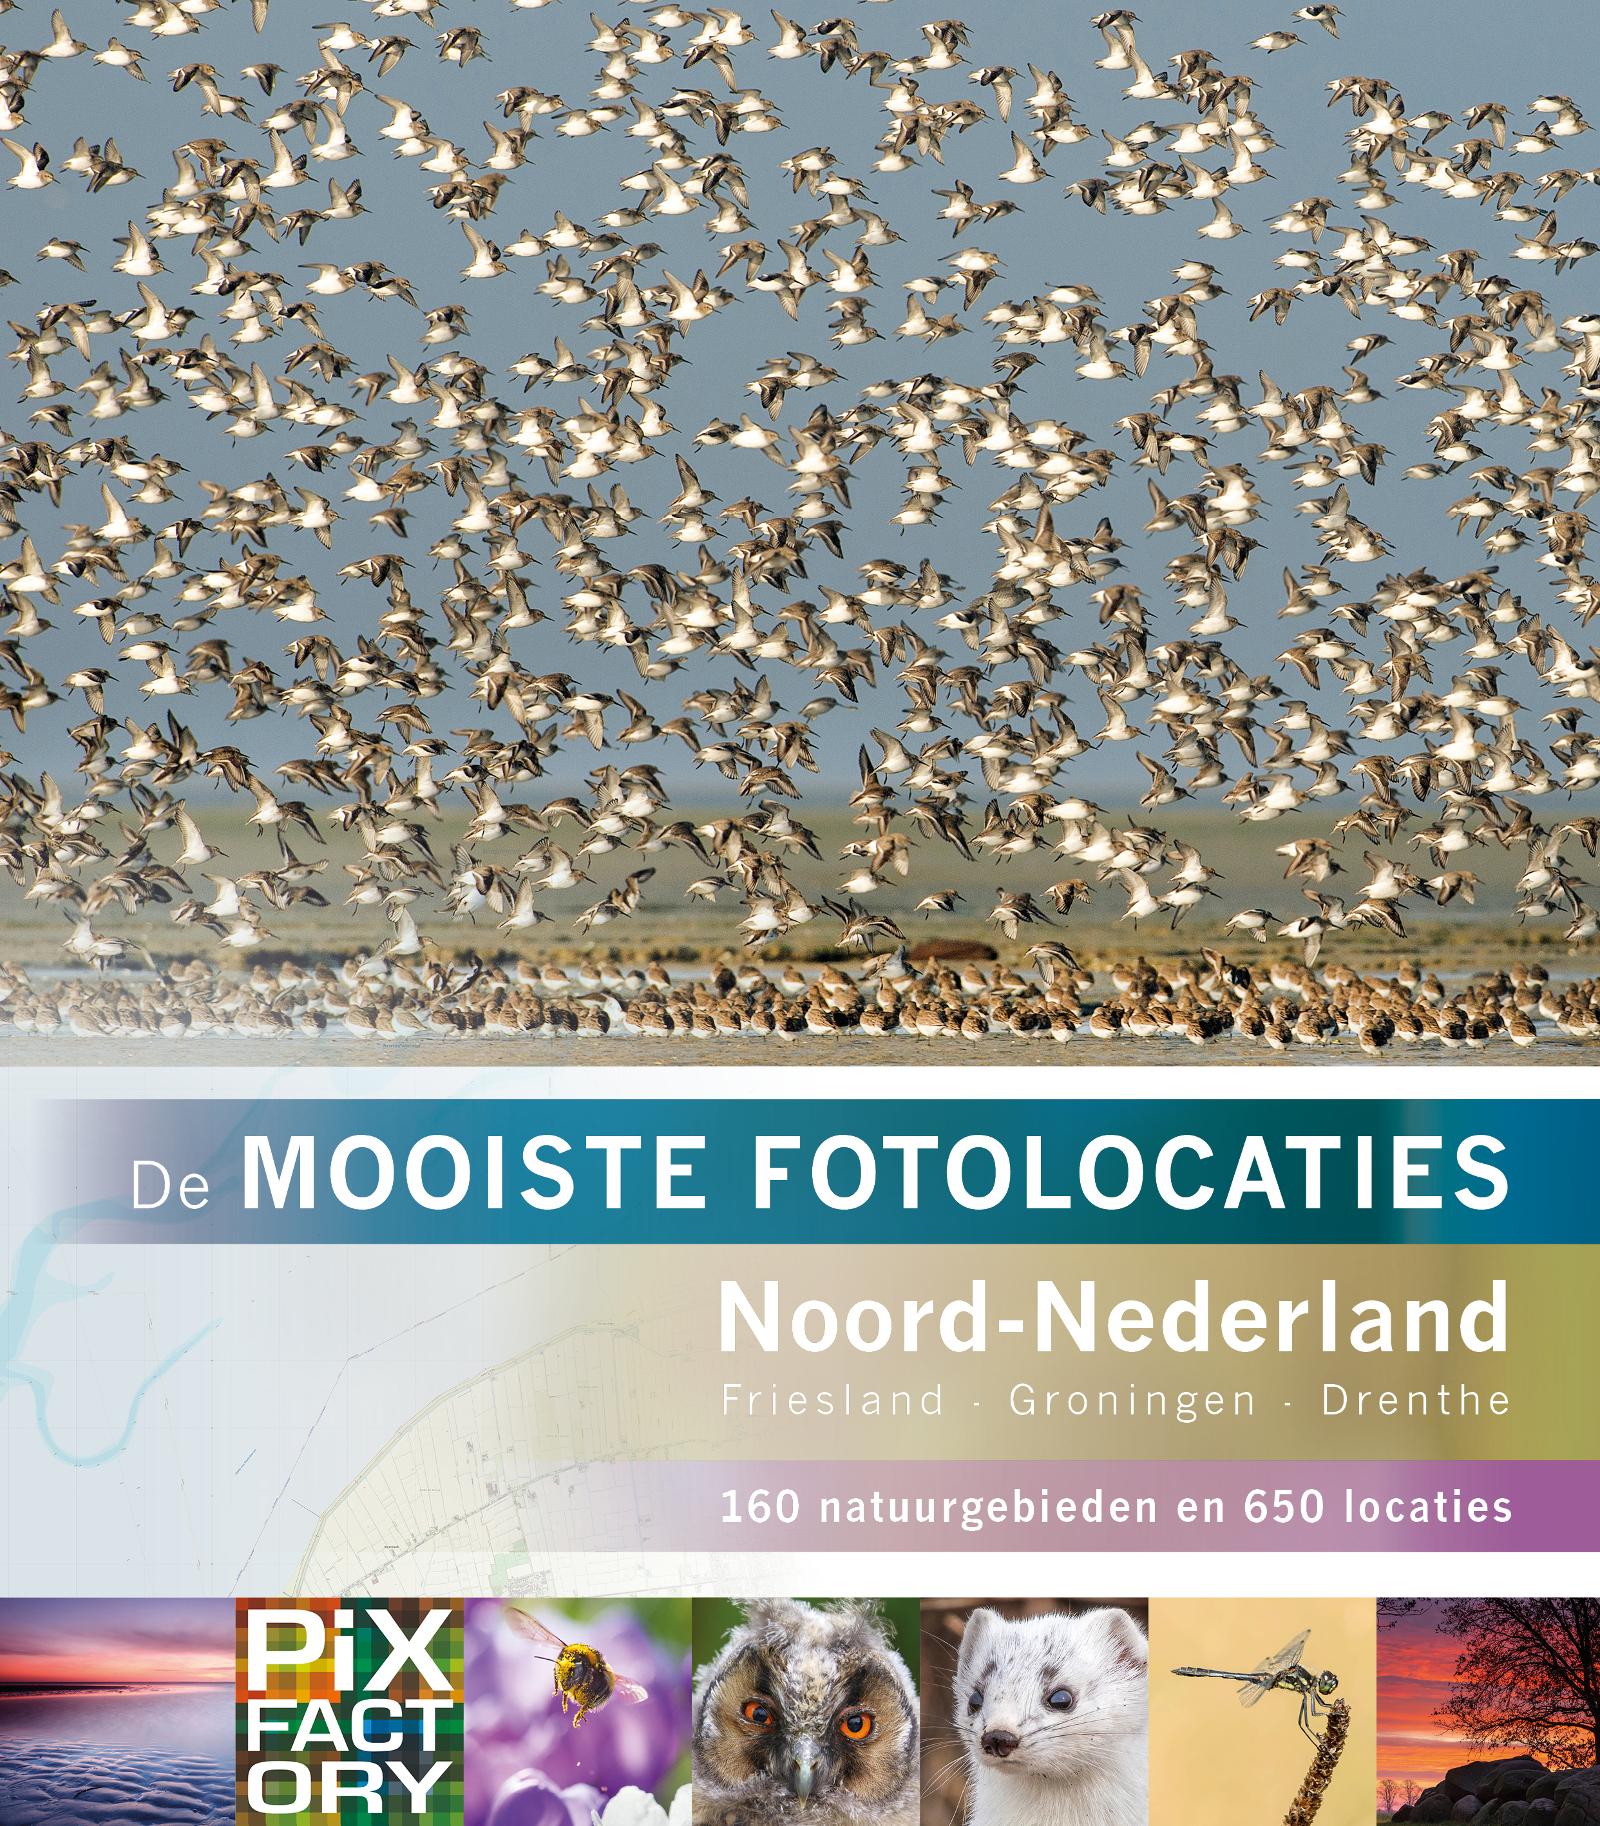 De mooiste fotolocaties - Noord-Nederland, 150 Natuurgebieden en 600 locaties, isbn 7989079588299